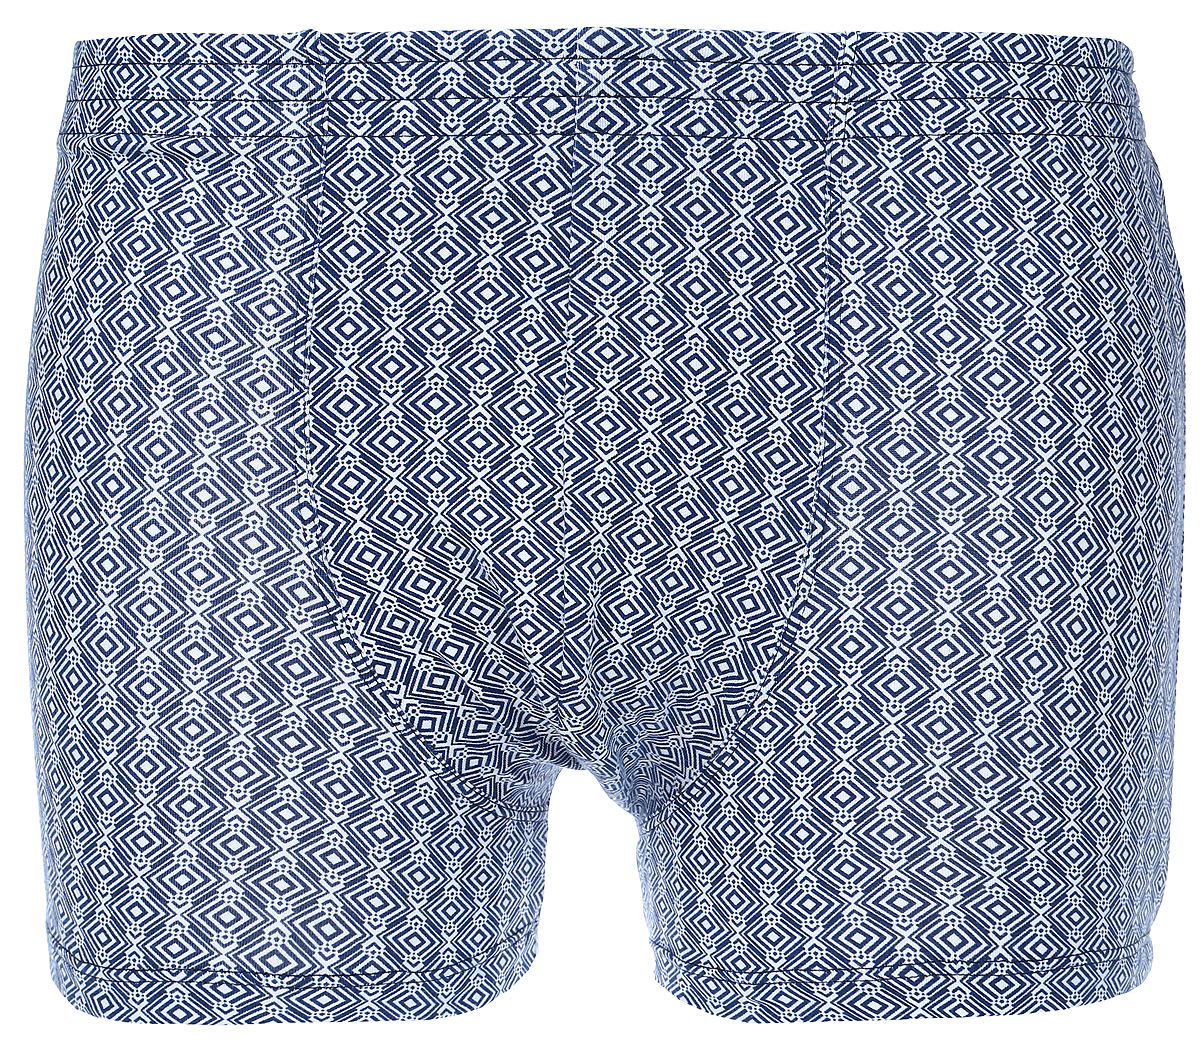 Трусы-боксеры мужские Melado База, цвет: синий. 8100M-40010.2L-075. Размер 56 трусы боксеры nicelio2 мужские